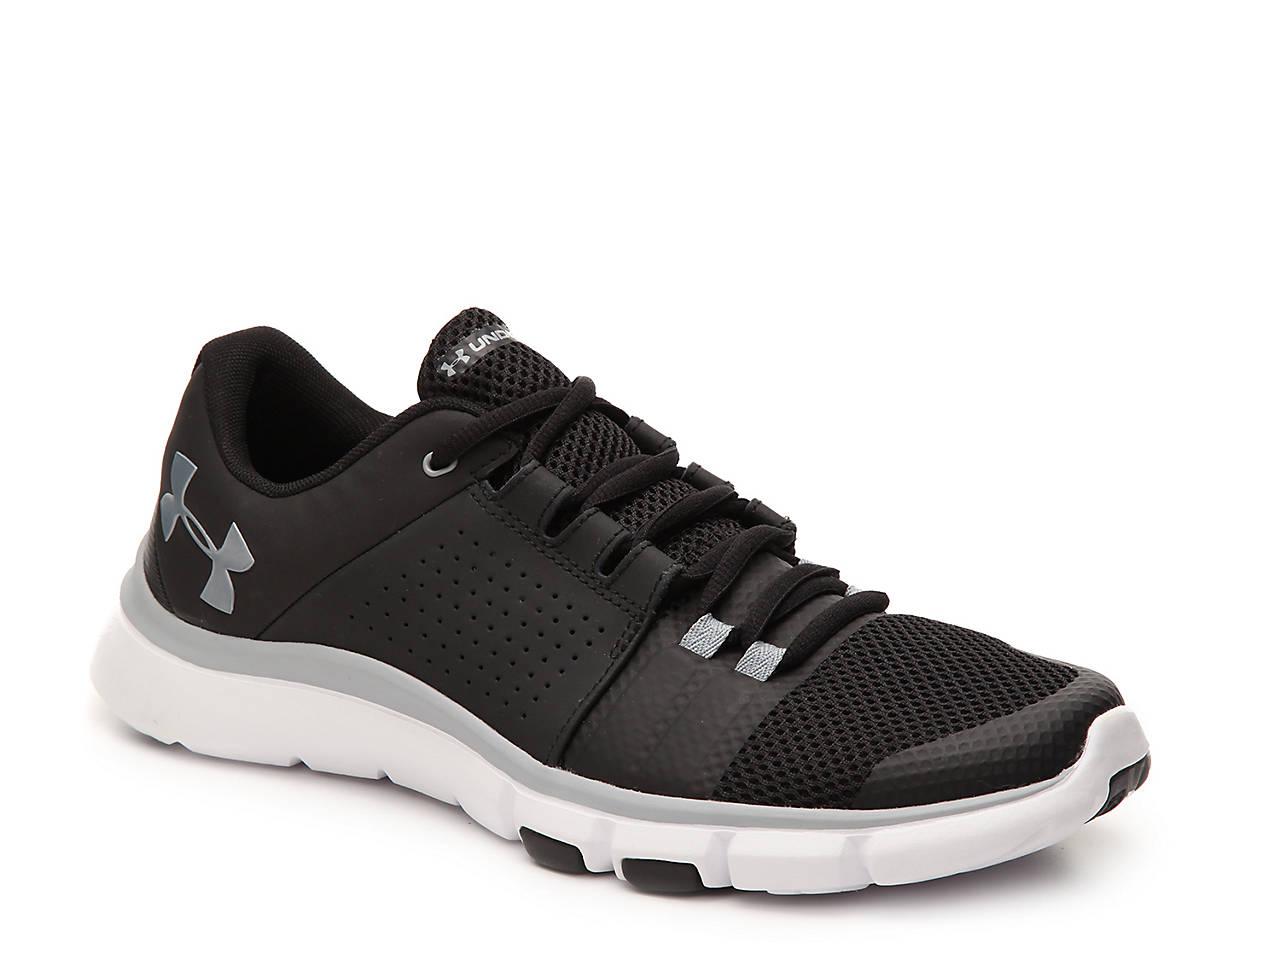 Under Armour Strive 7 Training Shoe - Men s Men s Shoes  44f2345e33